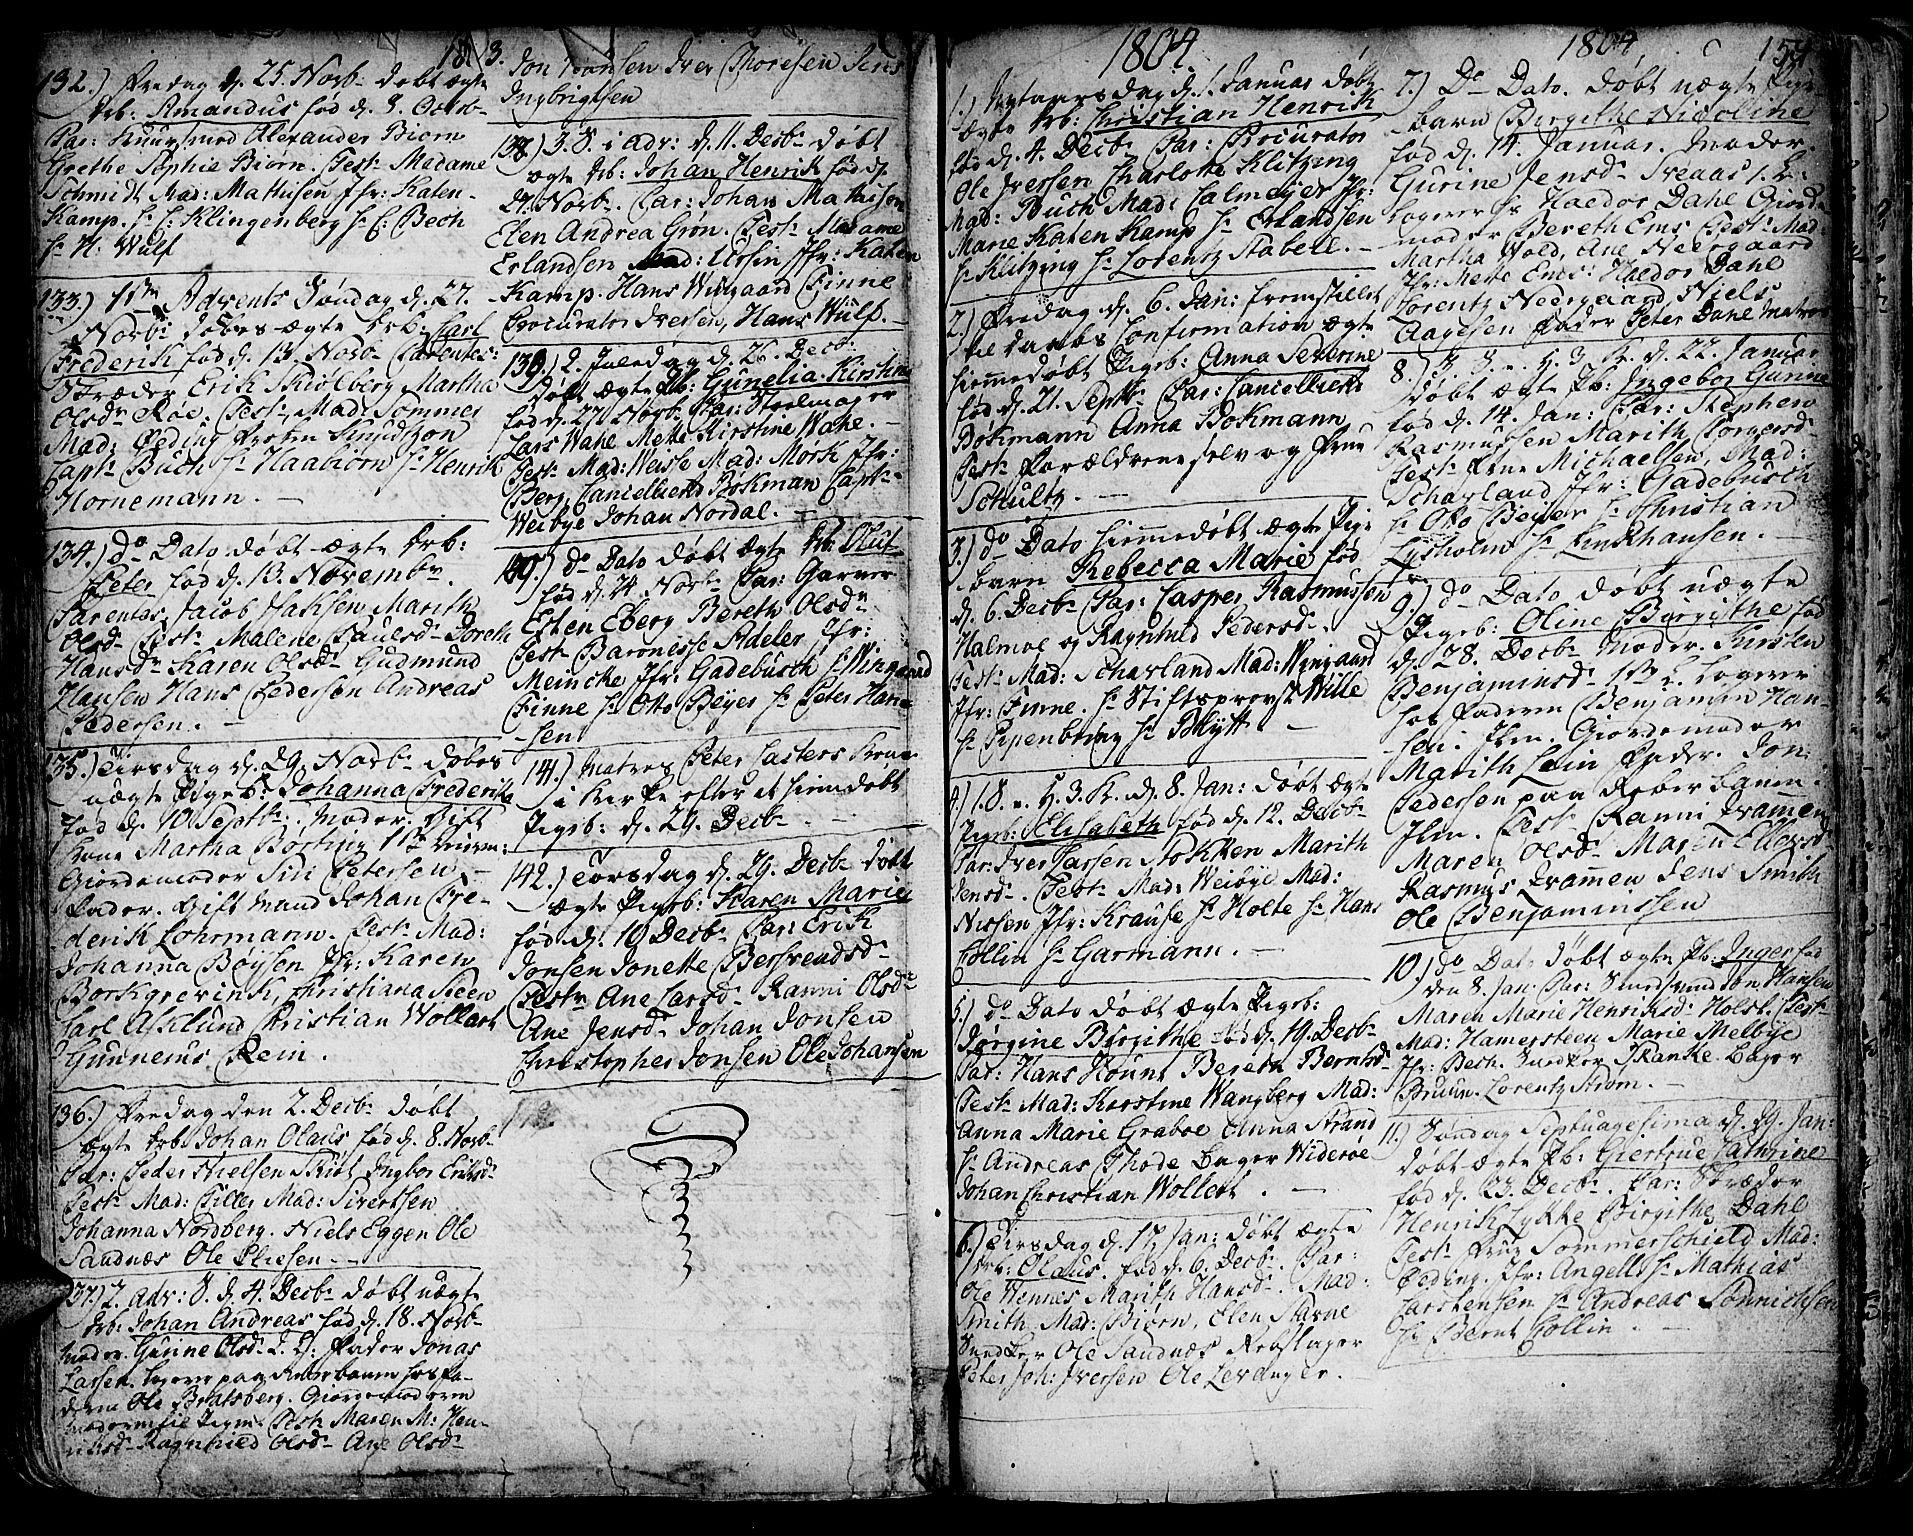 SAT, Ministerialprotokoller, klokkerbøker og fødselsregistre - Sør-Trøndelag, 601/L0039: Ministerialbok nr. 601A07, 1770-1819, s. 154